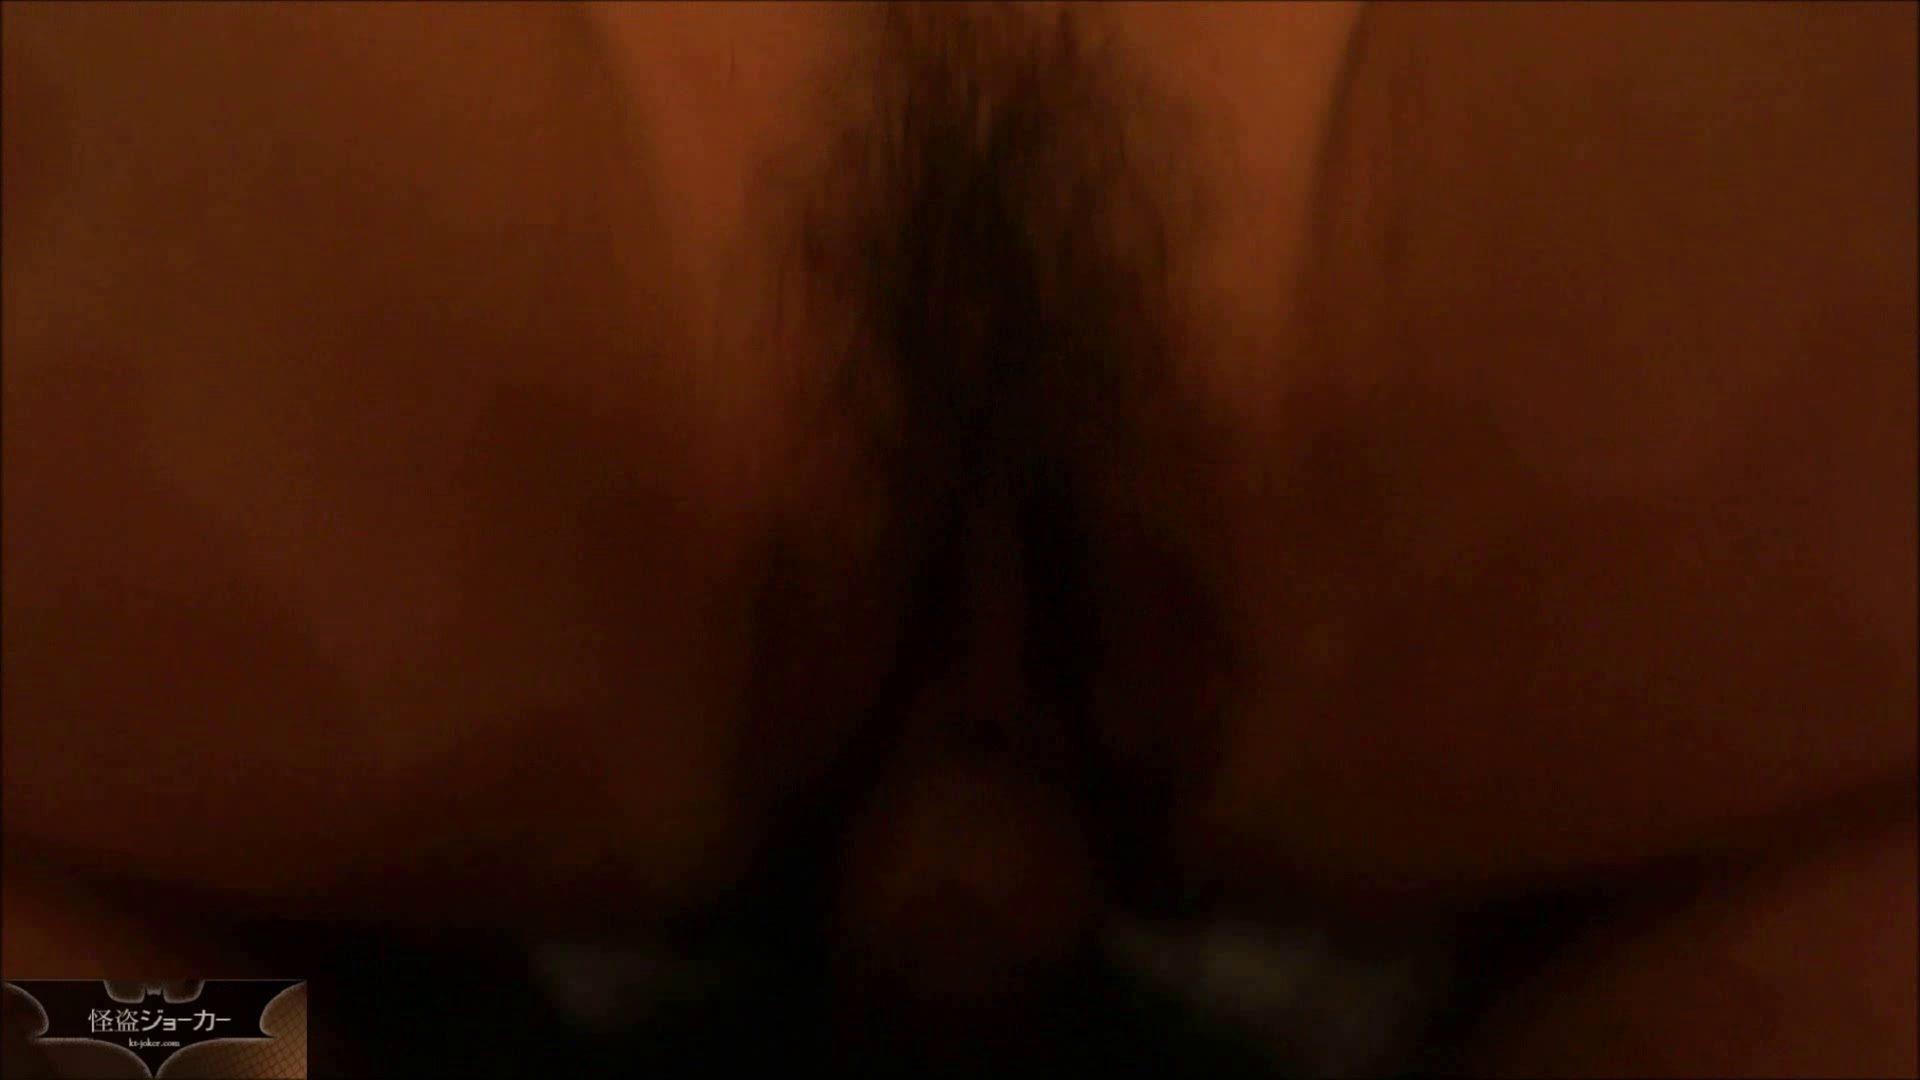 【未公開】vol.37 【援助】朋葉ちゃん、連続潮吹き・後背位で突きまくり。 フェラ動画 おまんこ動画流出 84画像 8